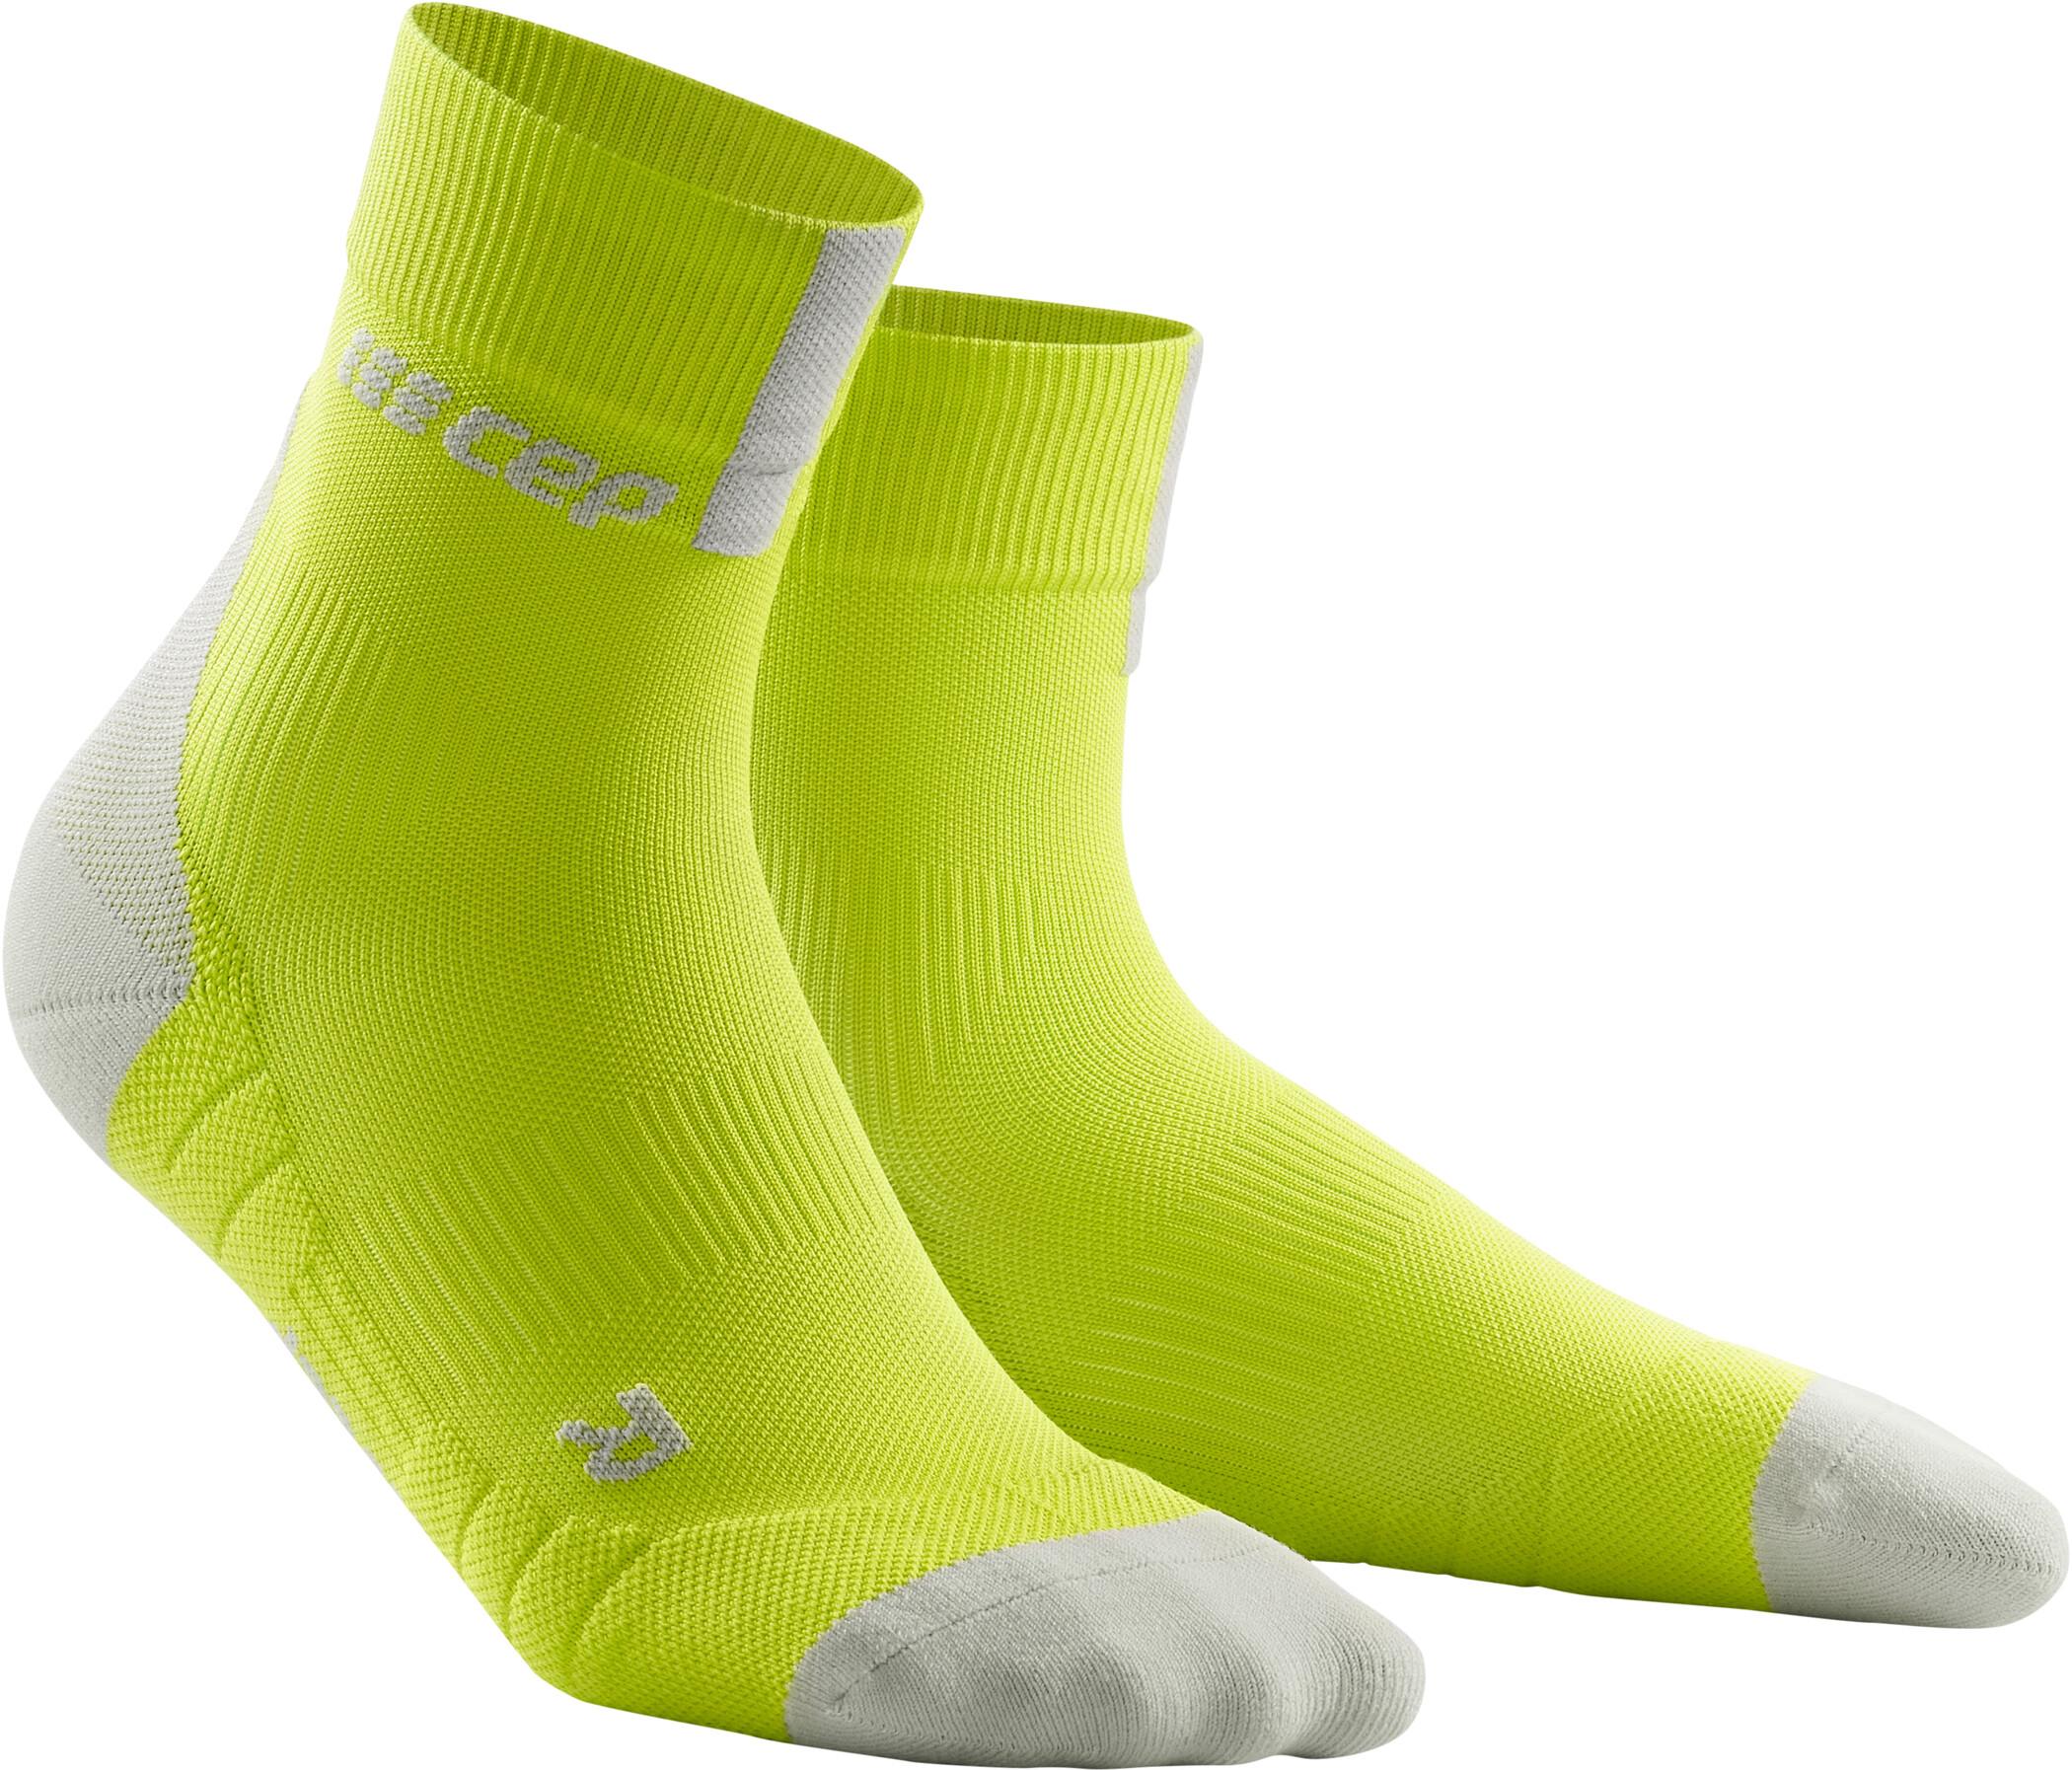 cep Short Socks 3.0 Herrer, lime/light grey (2019) | Compression